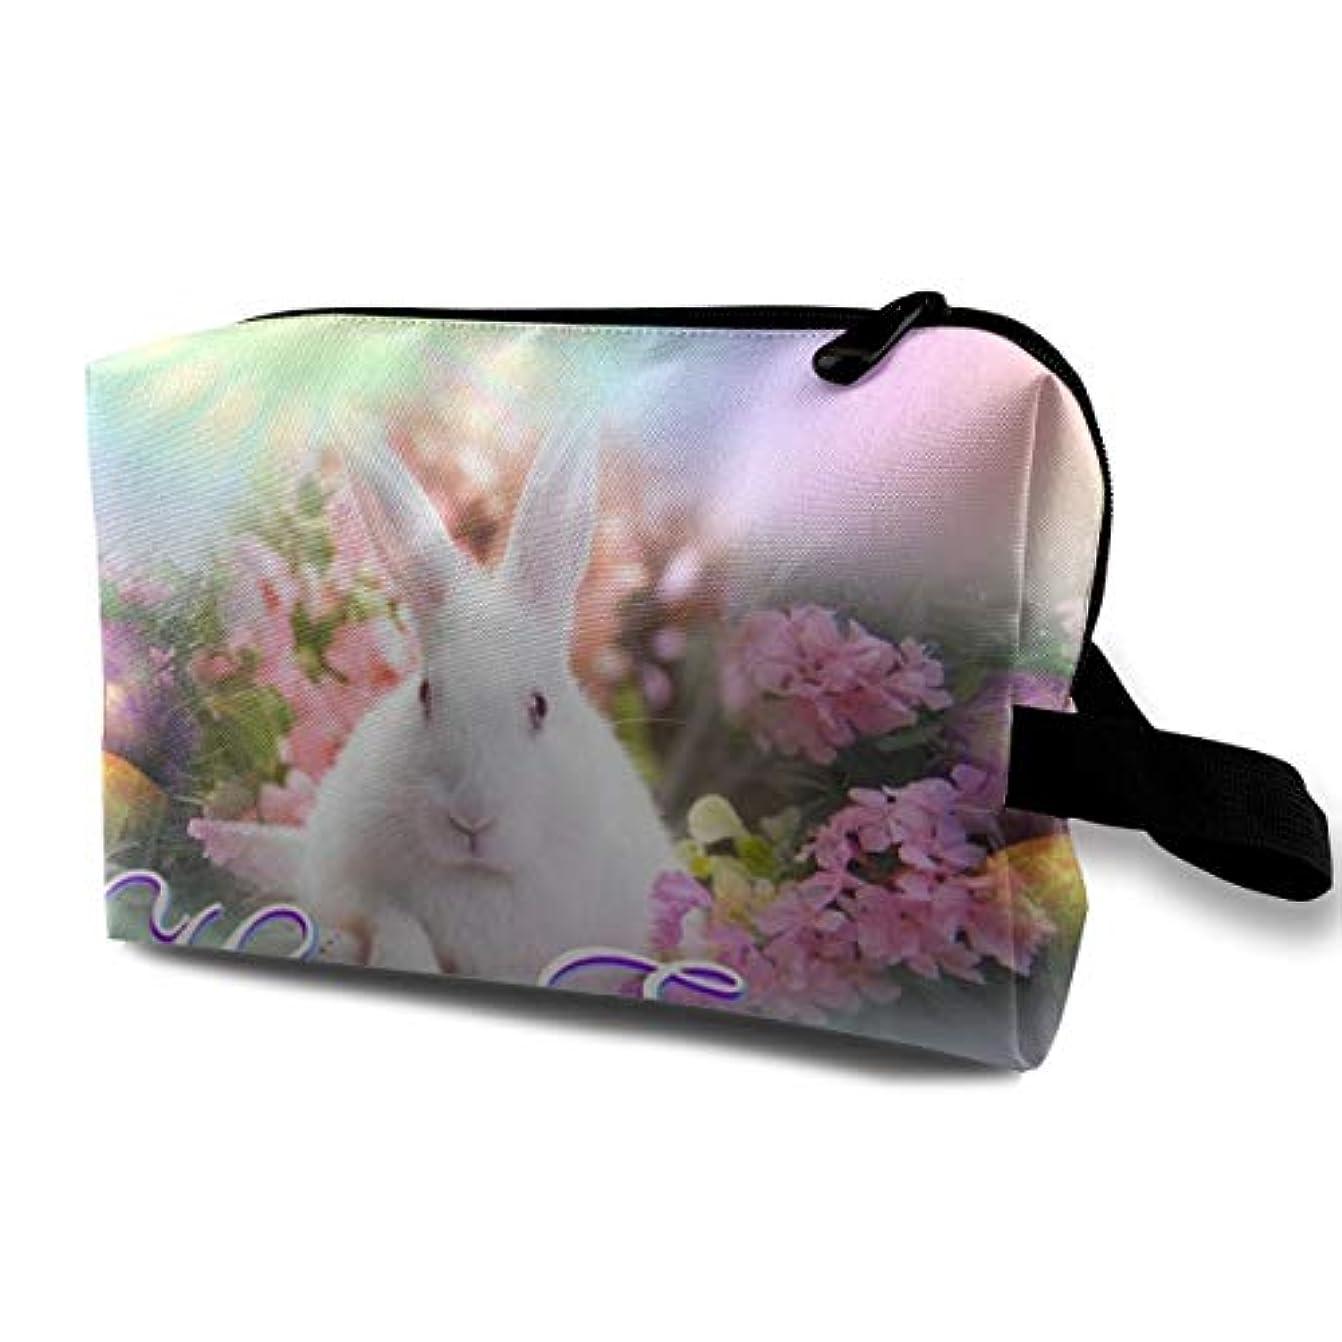 明示的に寛解売り手MEClOUD 化粧ポーチイースター おめでとう ウサギ メイクポーチ コスメバッグ 収納 雑貨大容量 小物入れ 旅行用